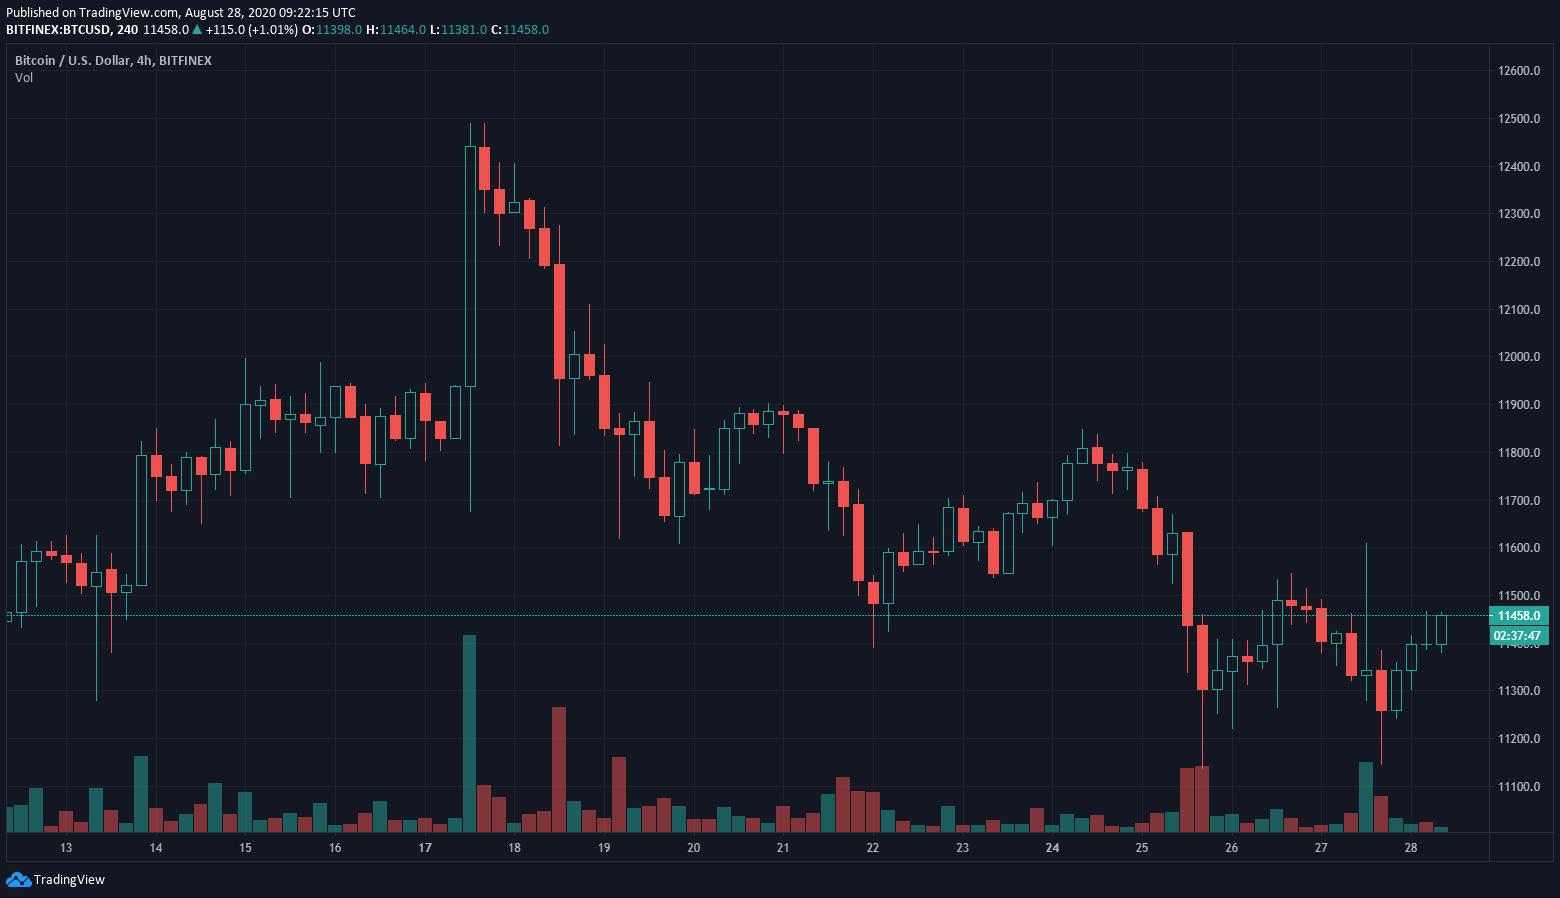 После заявления Пауэлла рынки пришли в движение. Биткоин стал падать в цене, рухнув до $11 200.